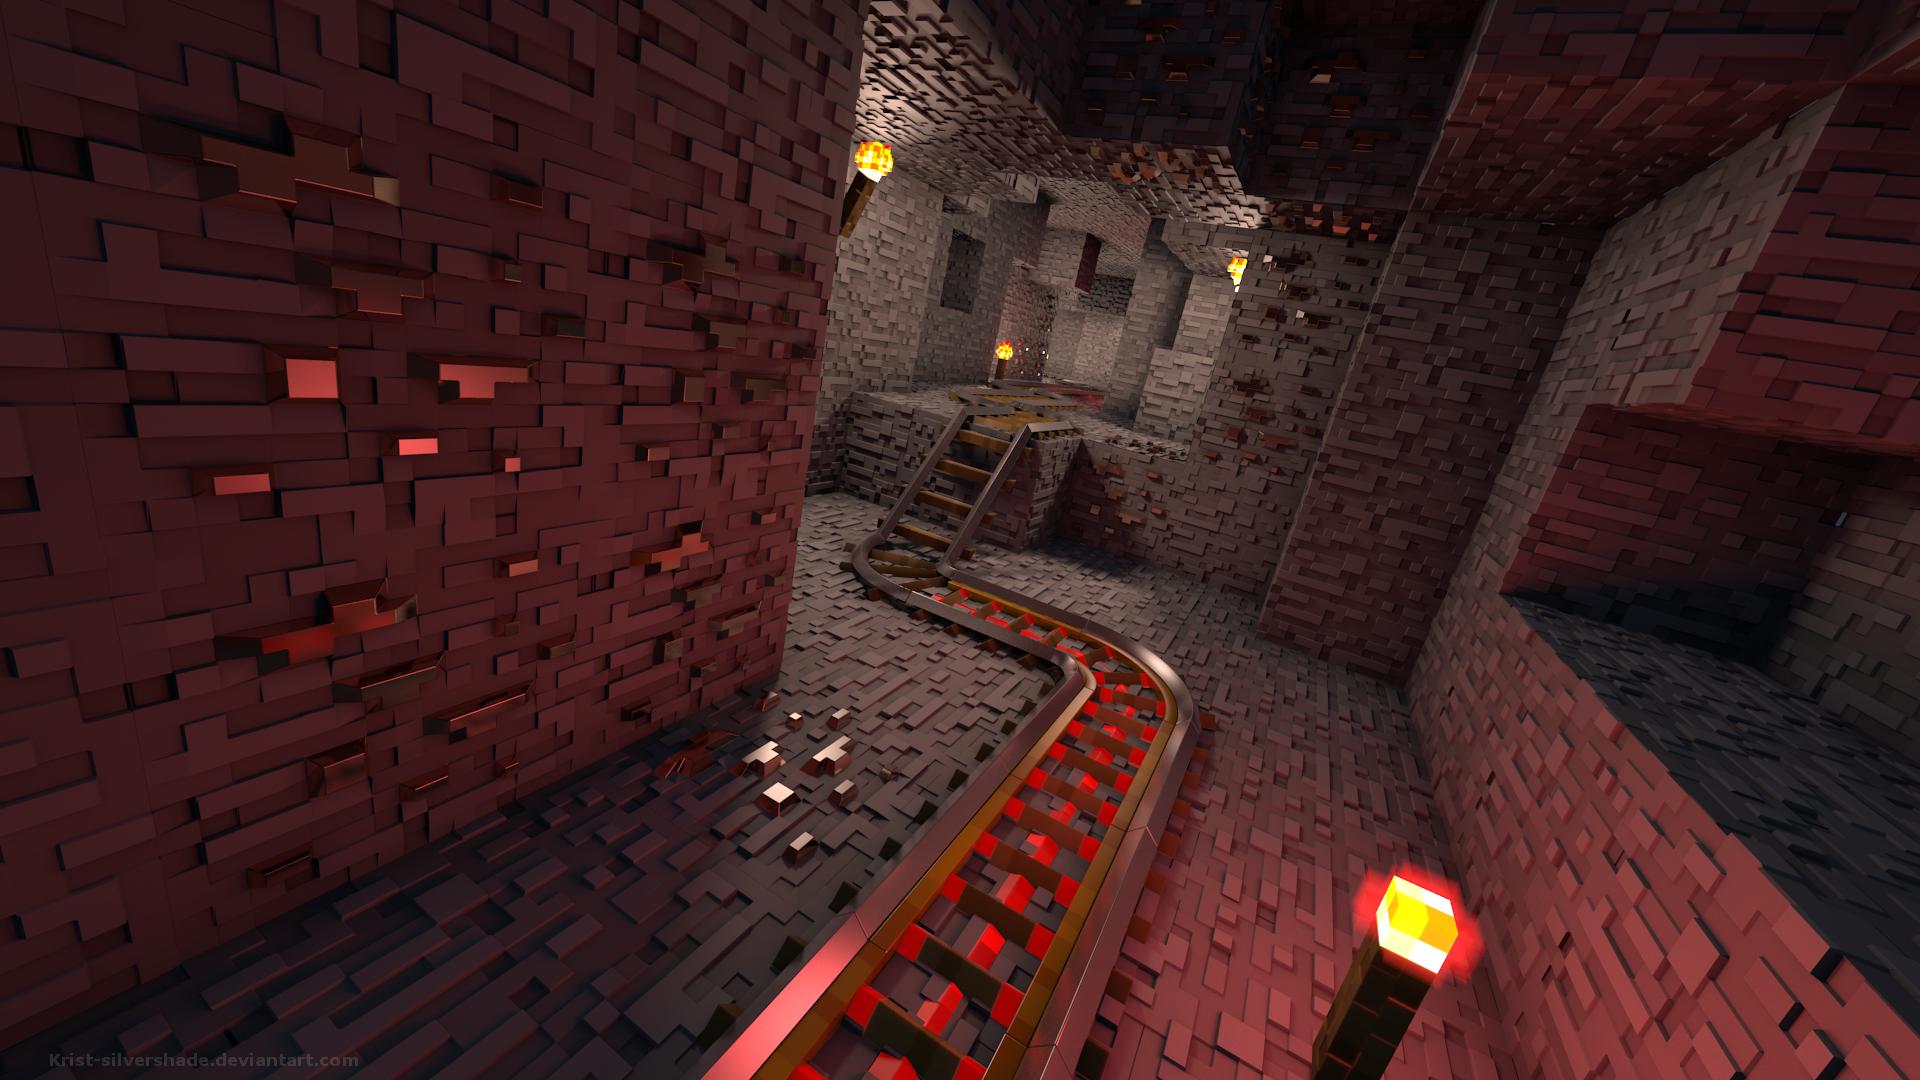 Wallpaper Video Games Render Minecraft Darkness